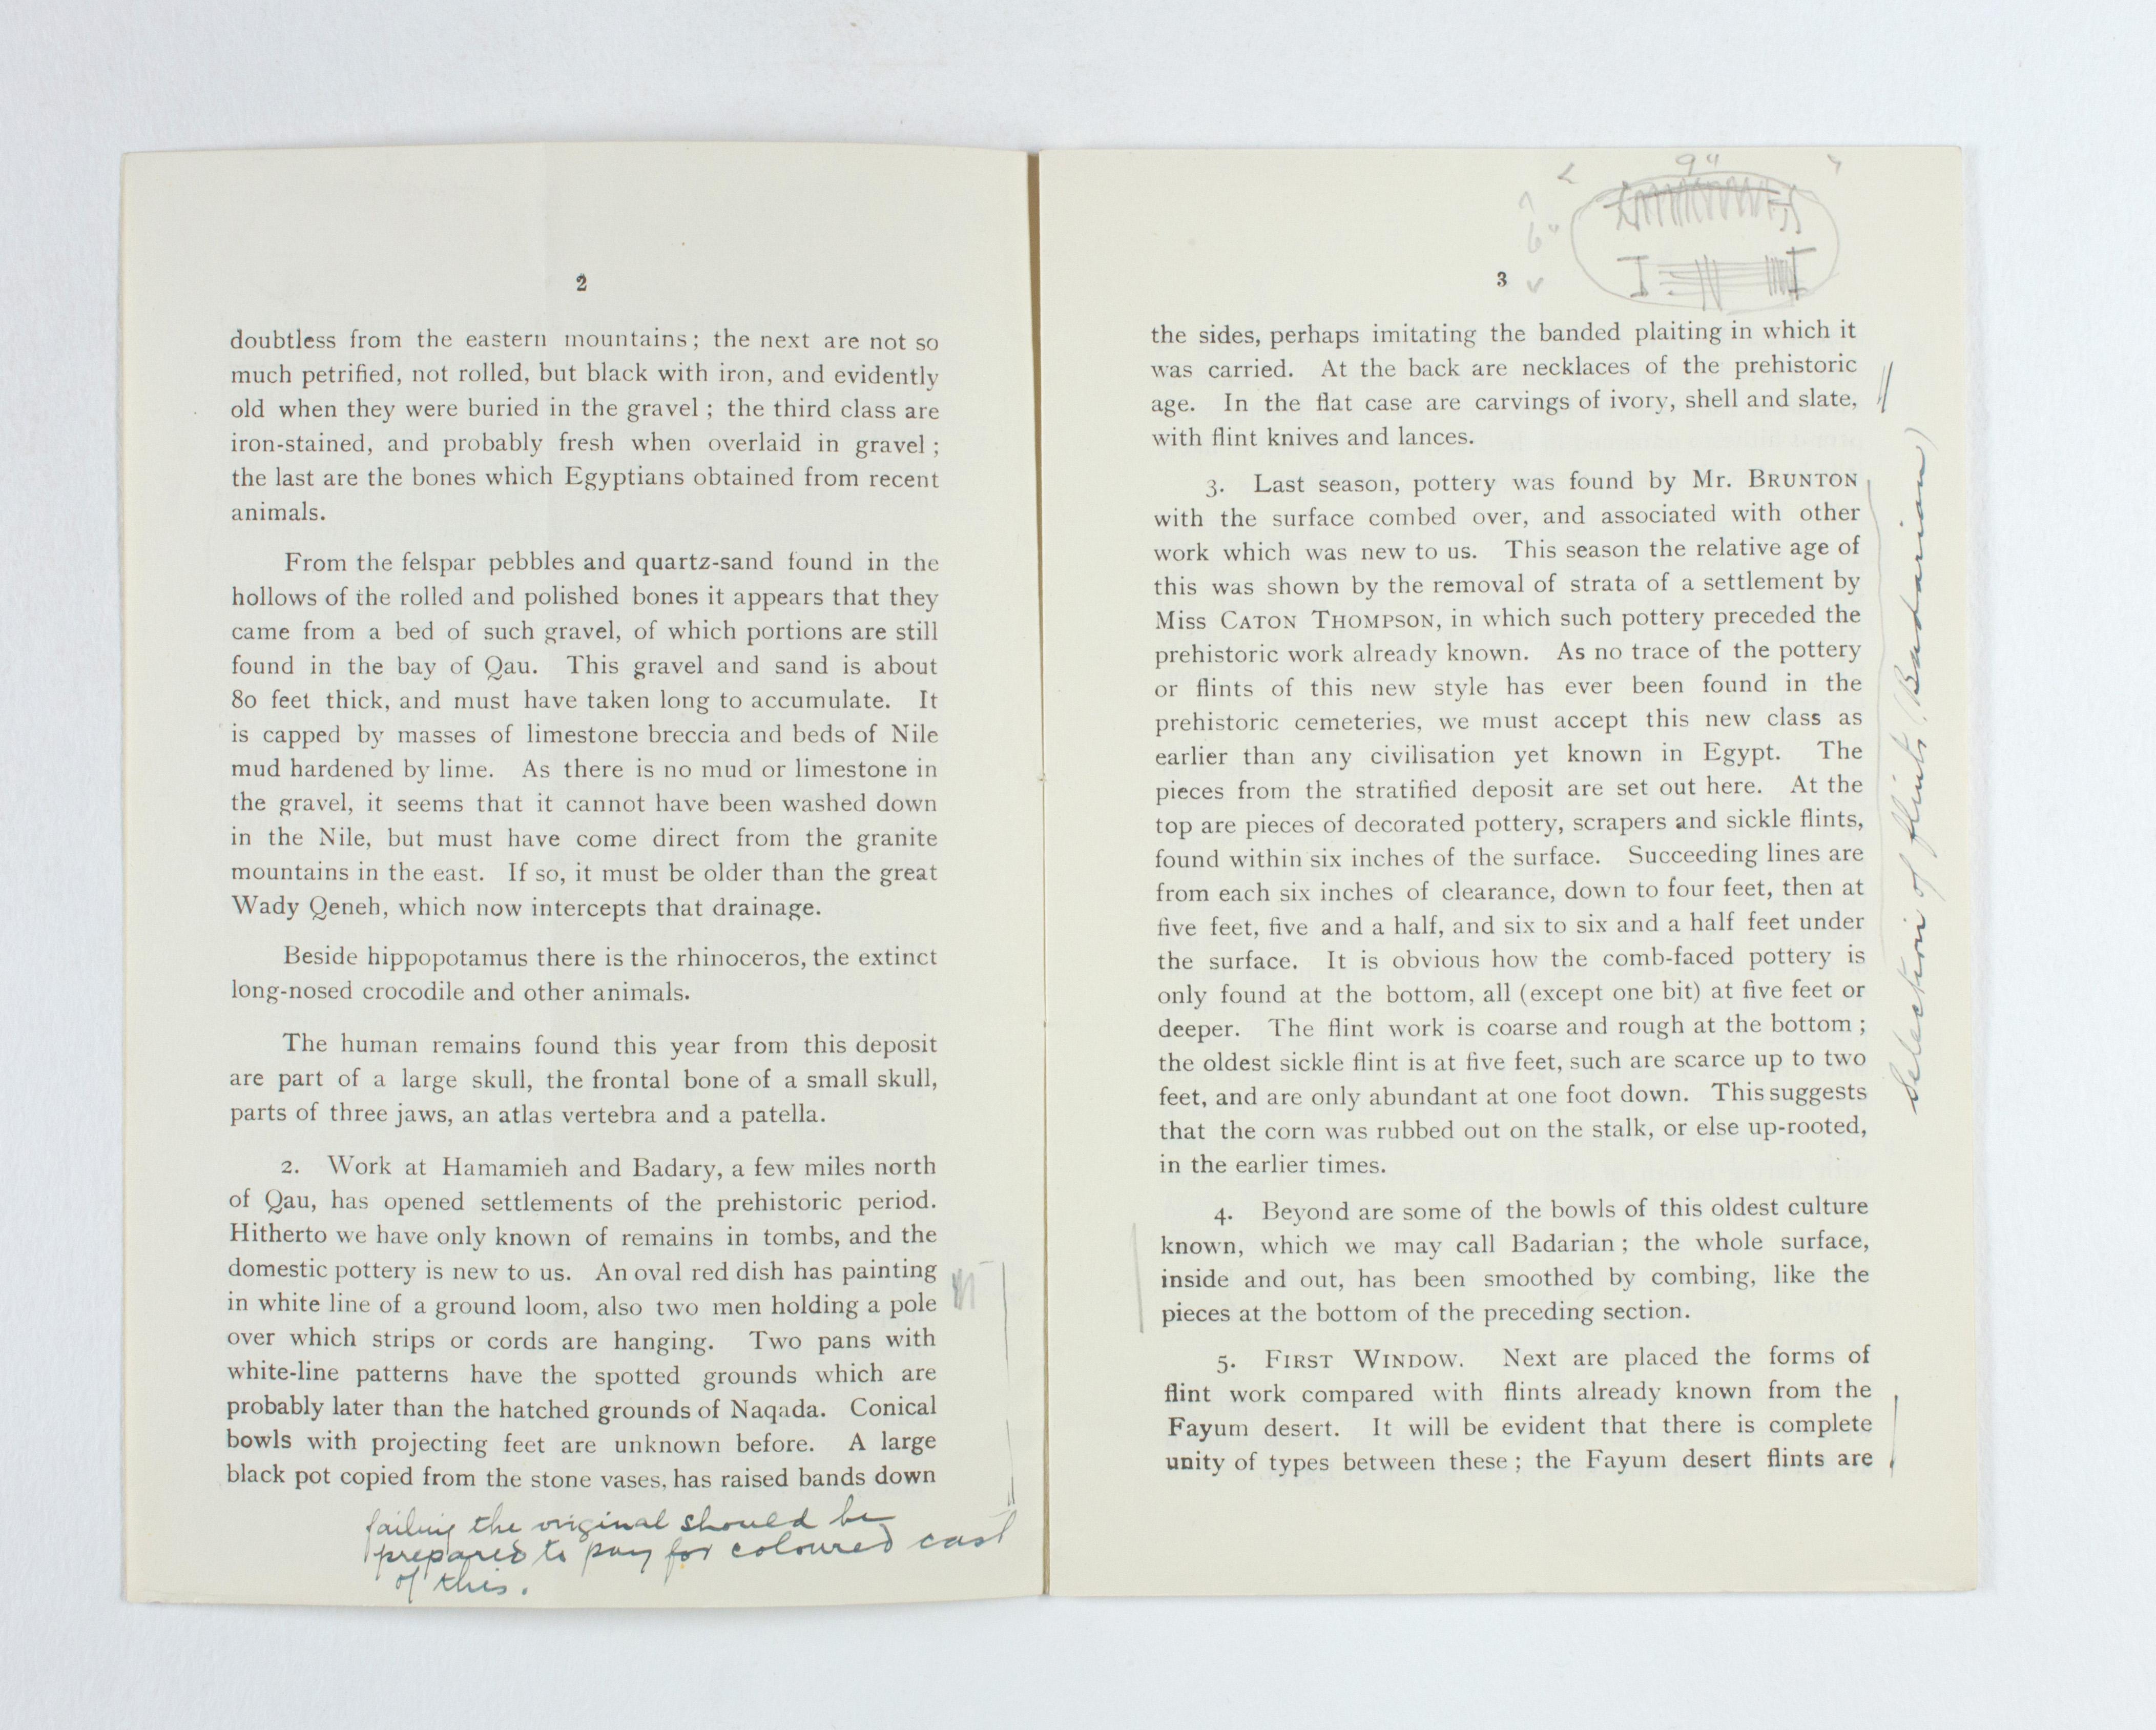 1923-24 Qau el-Kebir, Hemamieh Exhibition catalogue PMA/WFP1/D/27/28.3